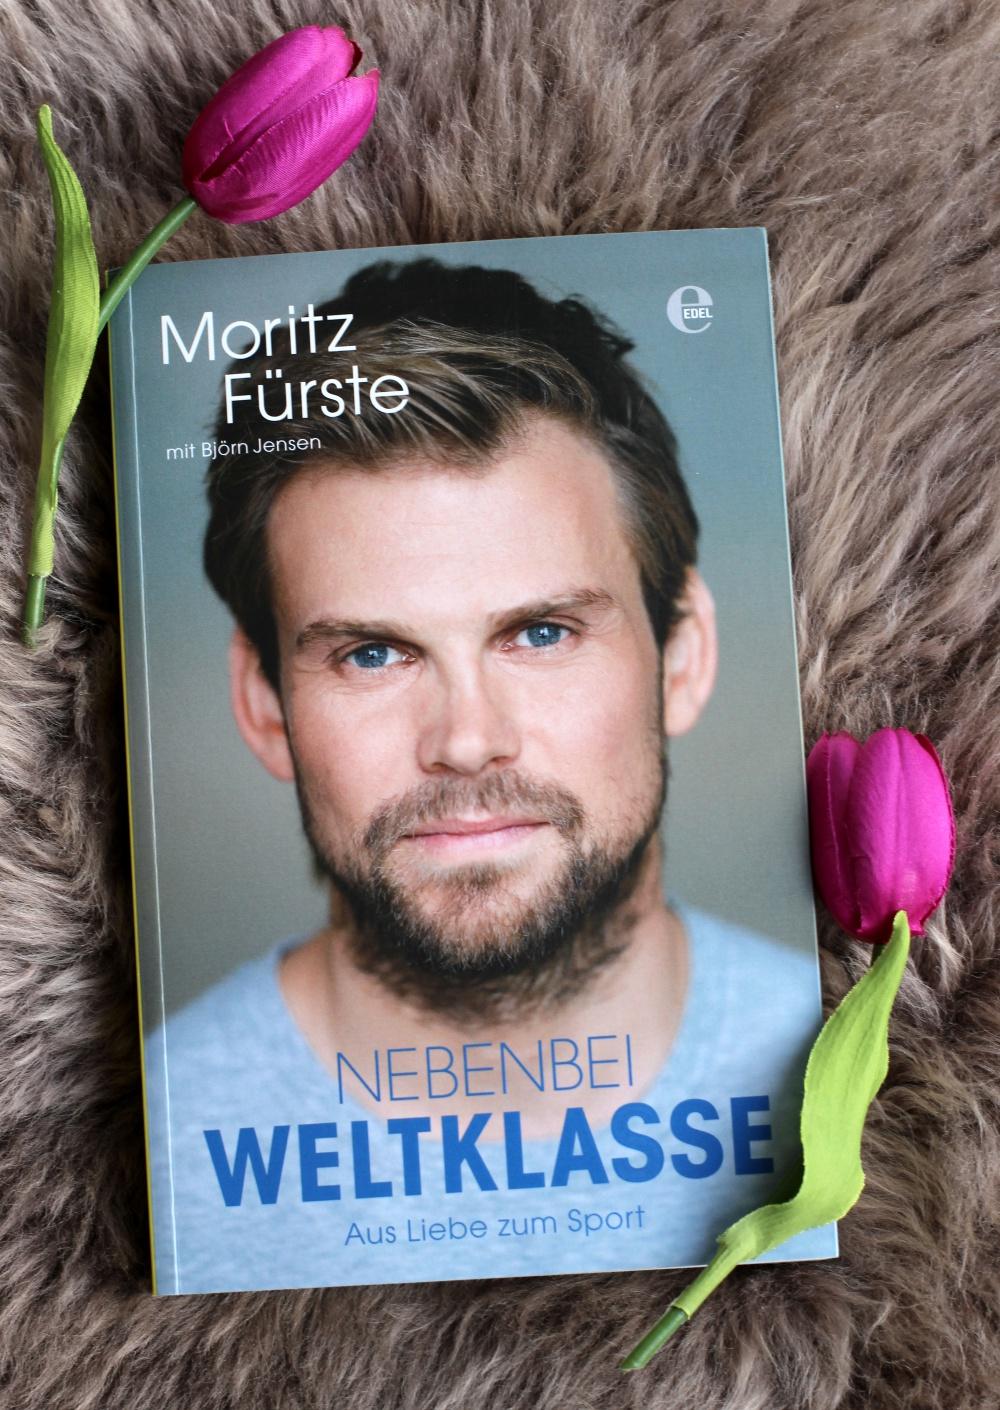 Rezension zu Nebenbei Weltklasse von Moritz Fürste